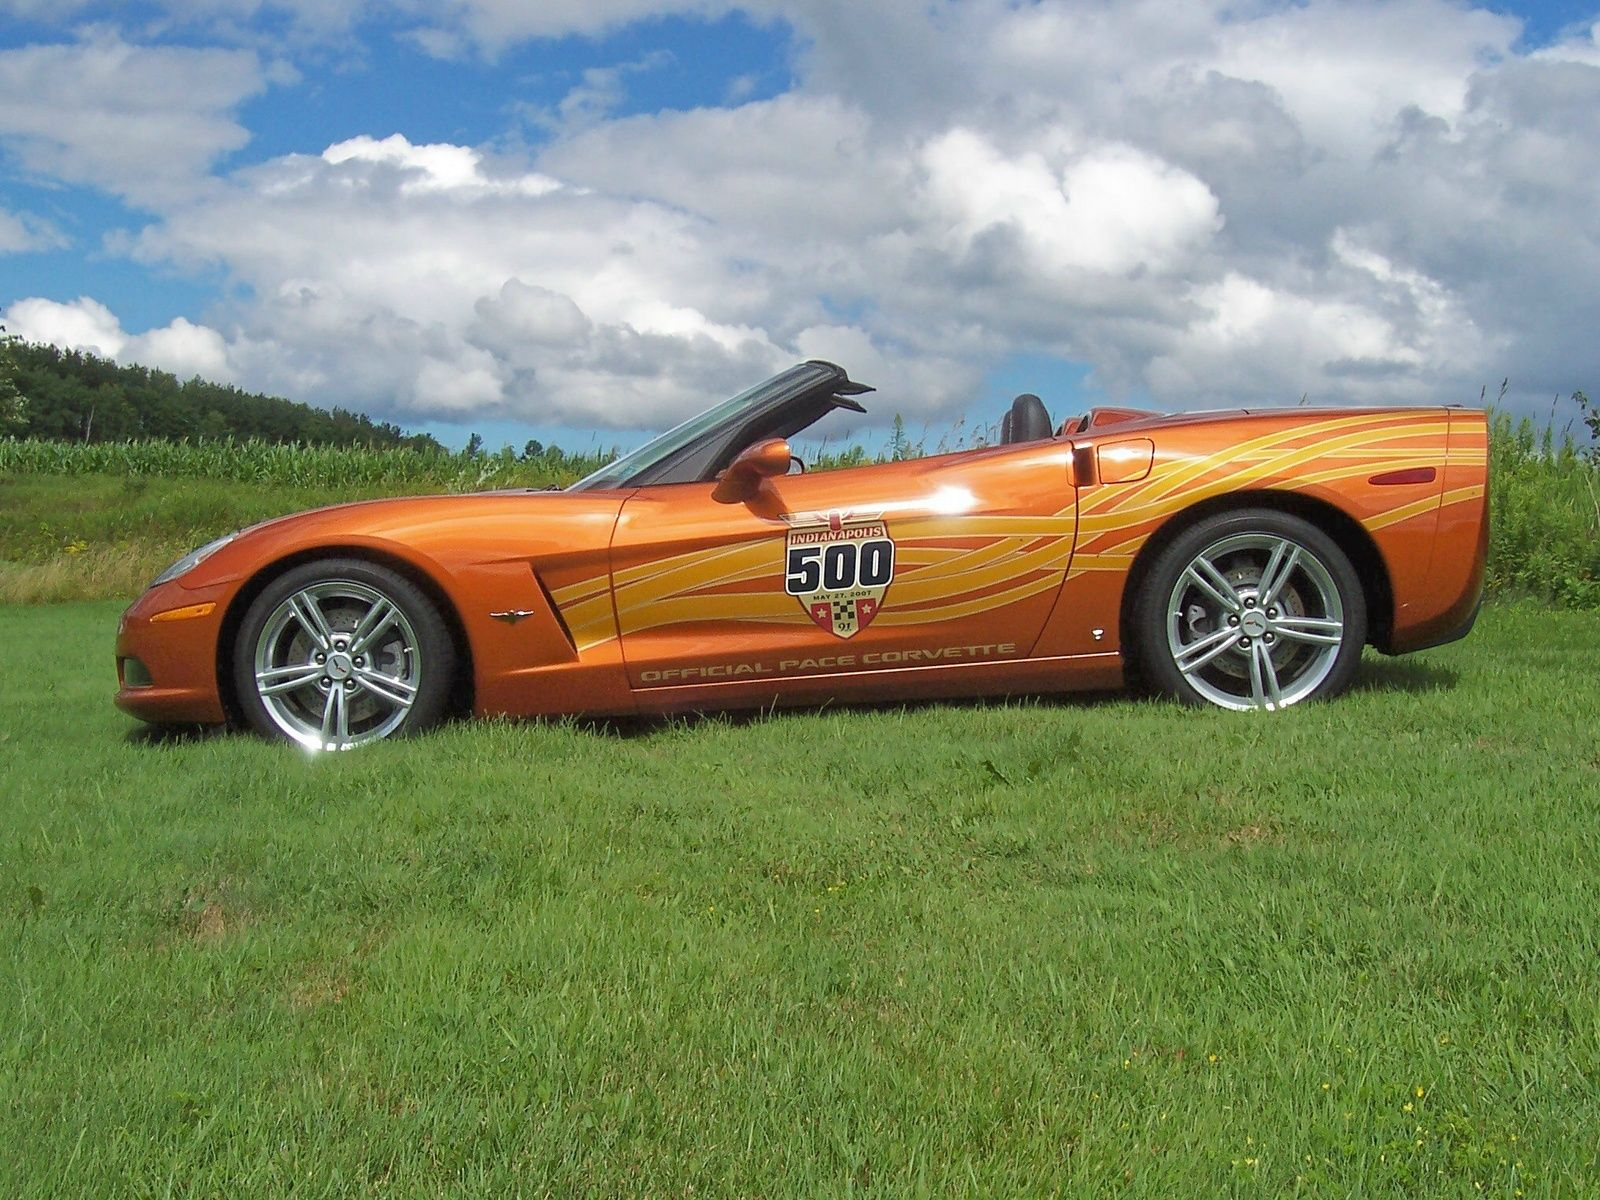 2007 corvette indy 500 pace car corvette chevy corvette